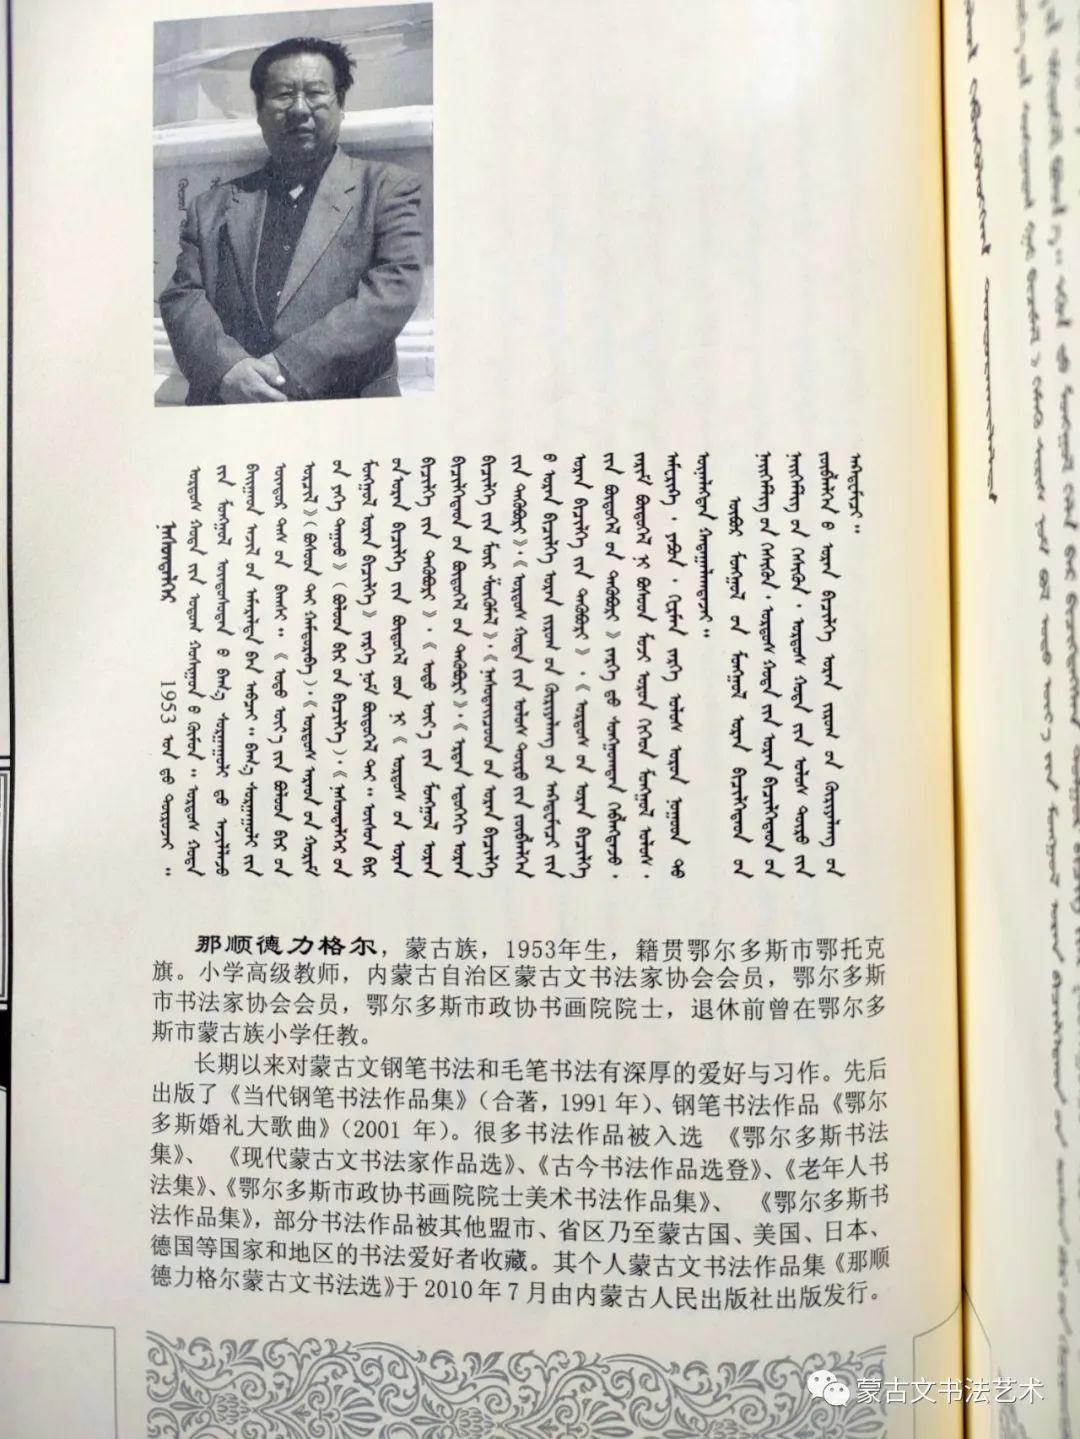 蒙古文经典文献当代书法名家手抄本之那顺德力格尔《蒙古黄金史纲》 第3张